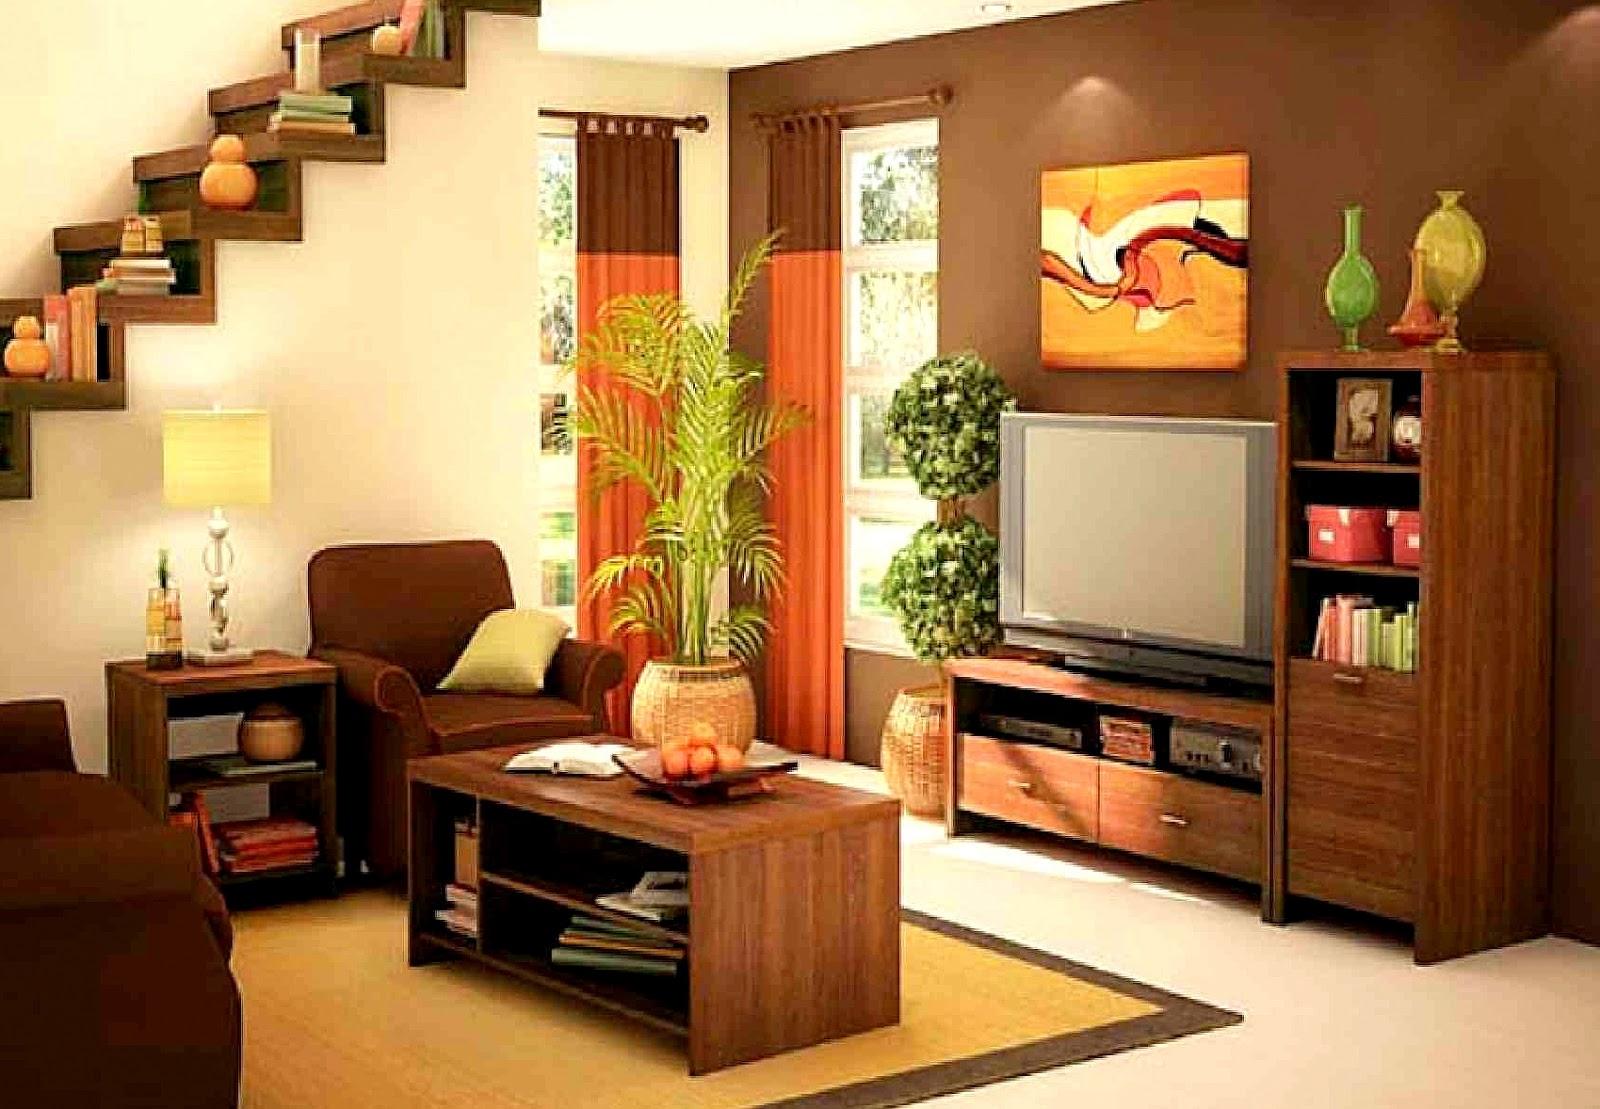 Peralatan Juga Haruslah Minimal Asas Bagi Ruang Tamu Seperti Tv Audio Sistem Dan Rak Sudah Memadai